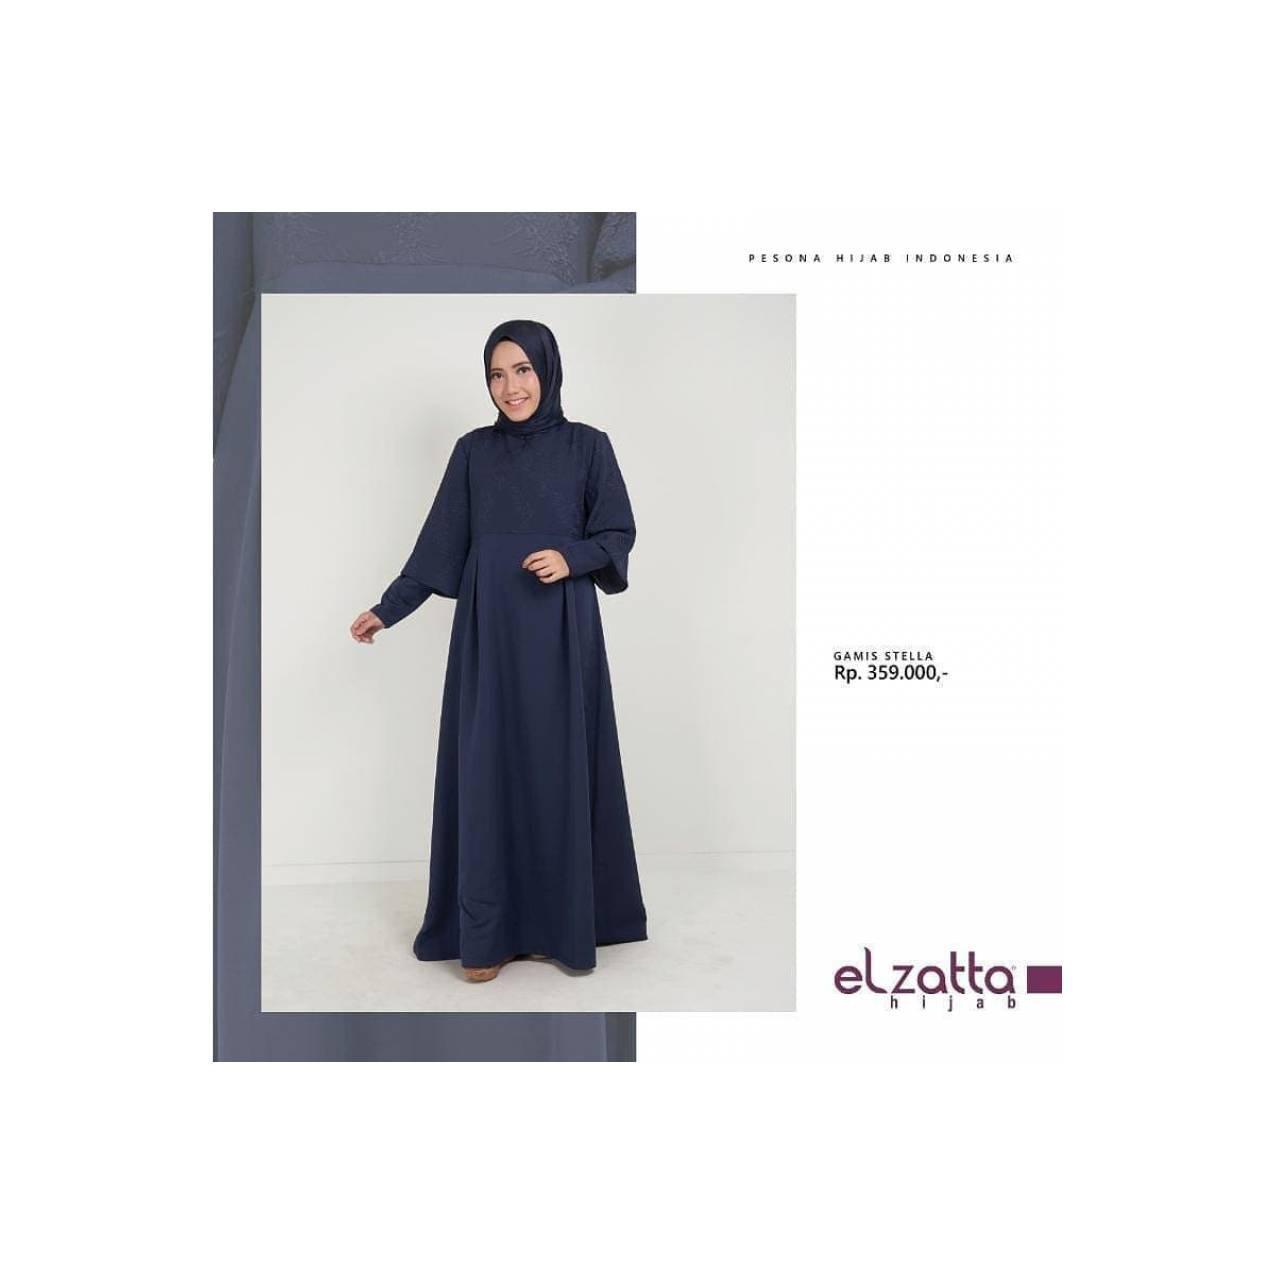 Gamis Muslim Polos Wanita Terbaru Elzatta Stela